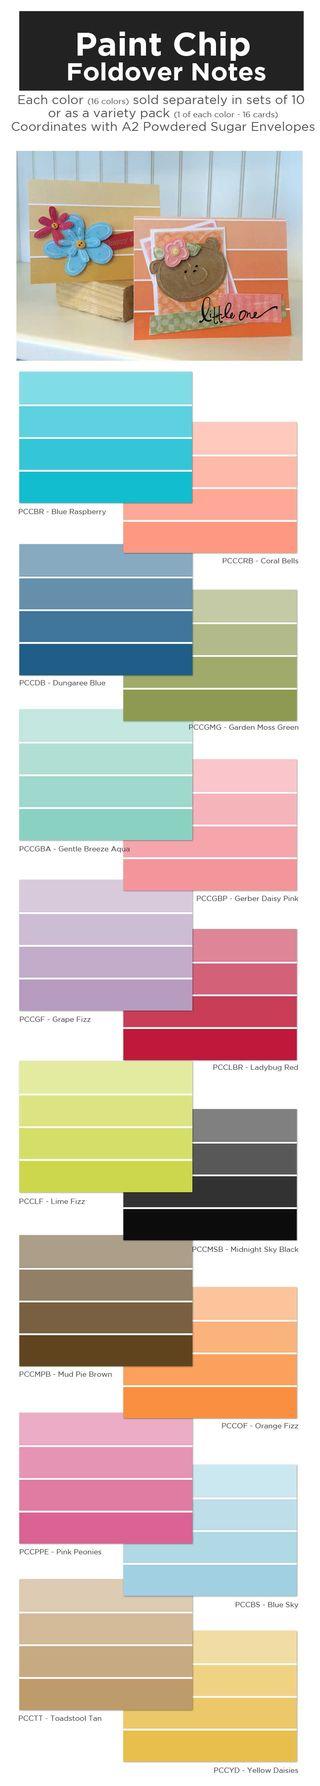 Paint-Chip-Catalog-Online-store